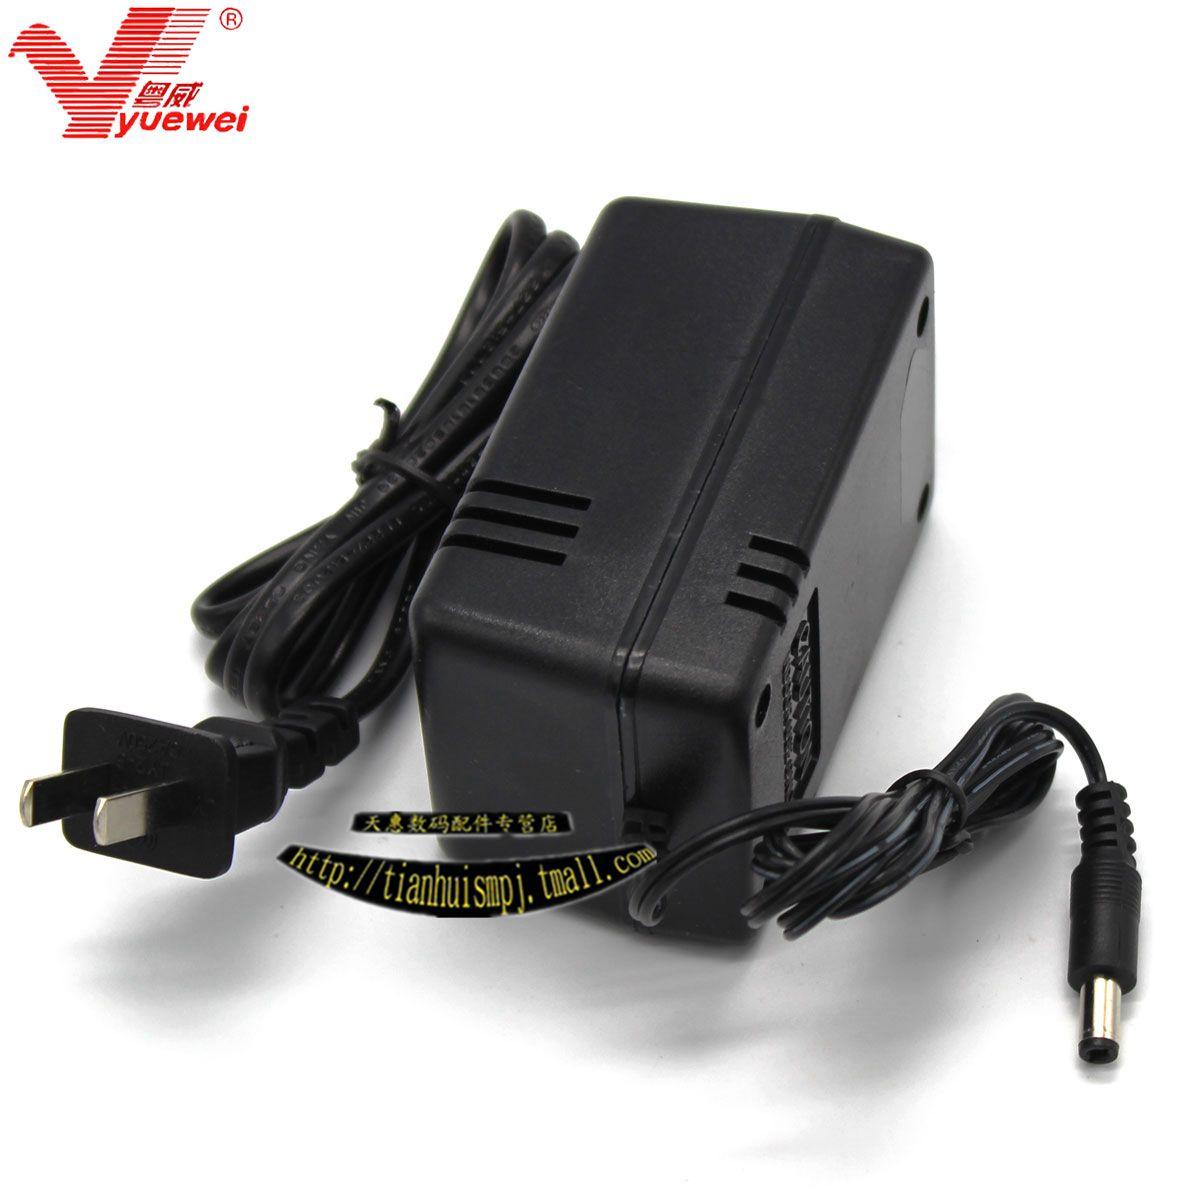 卡西欧CT-599 电子琴变压器9V通用变压器粤威牌适用casio CT599